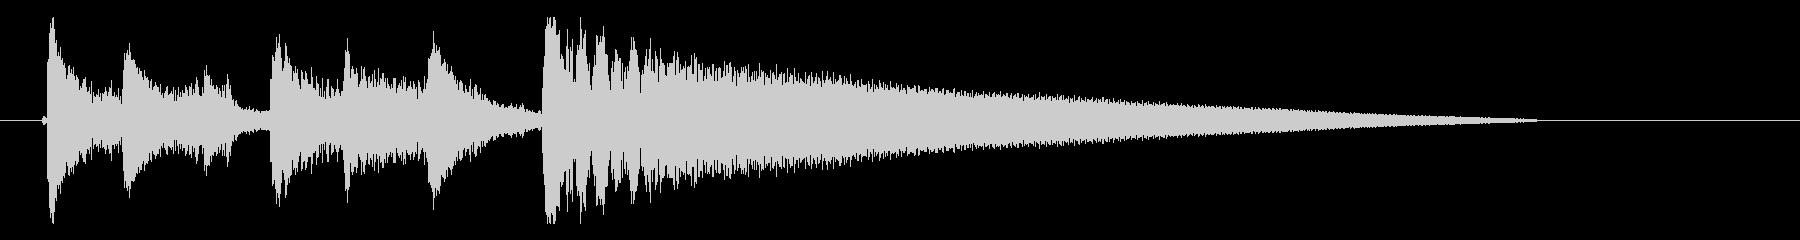 アコギ・ピアノのシンプルなジングルの未再生の波形